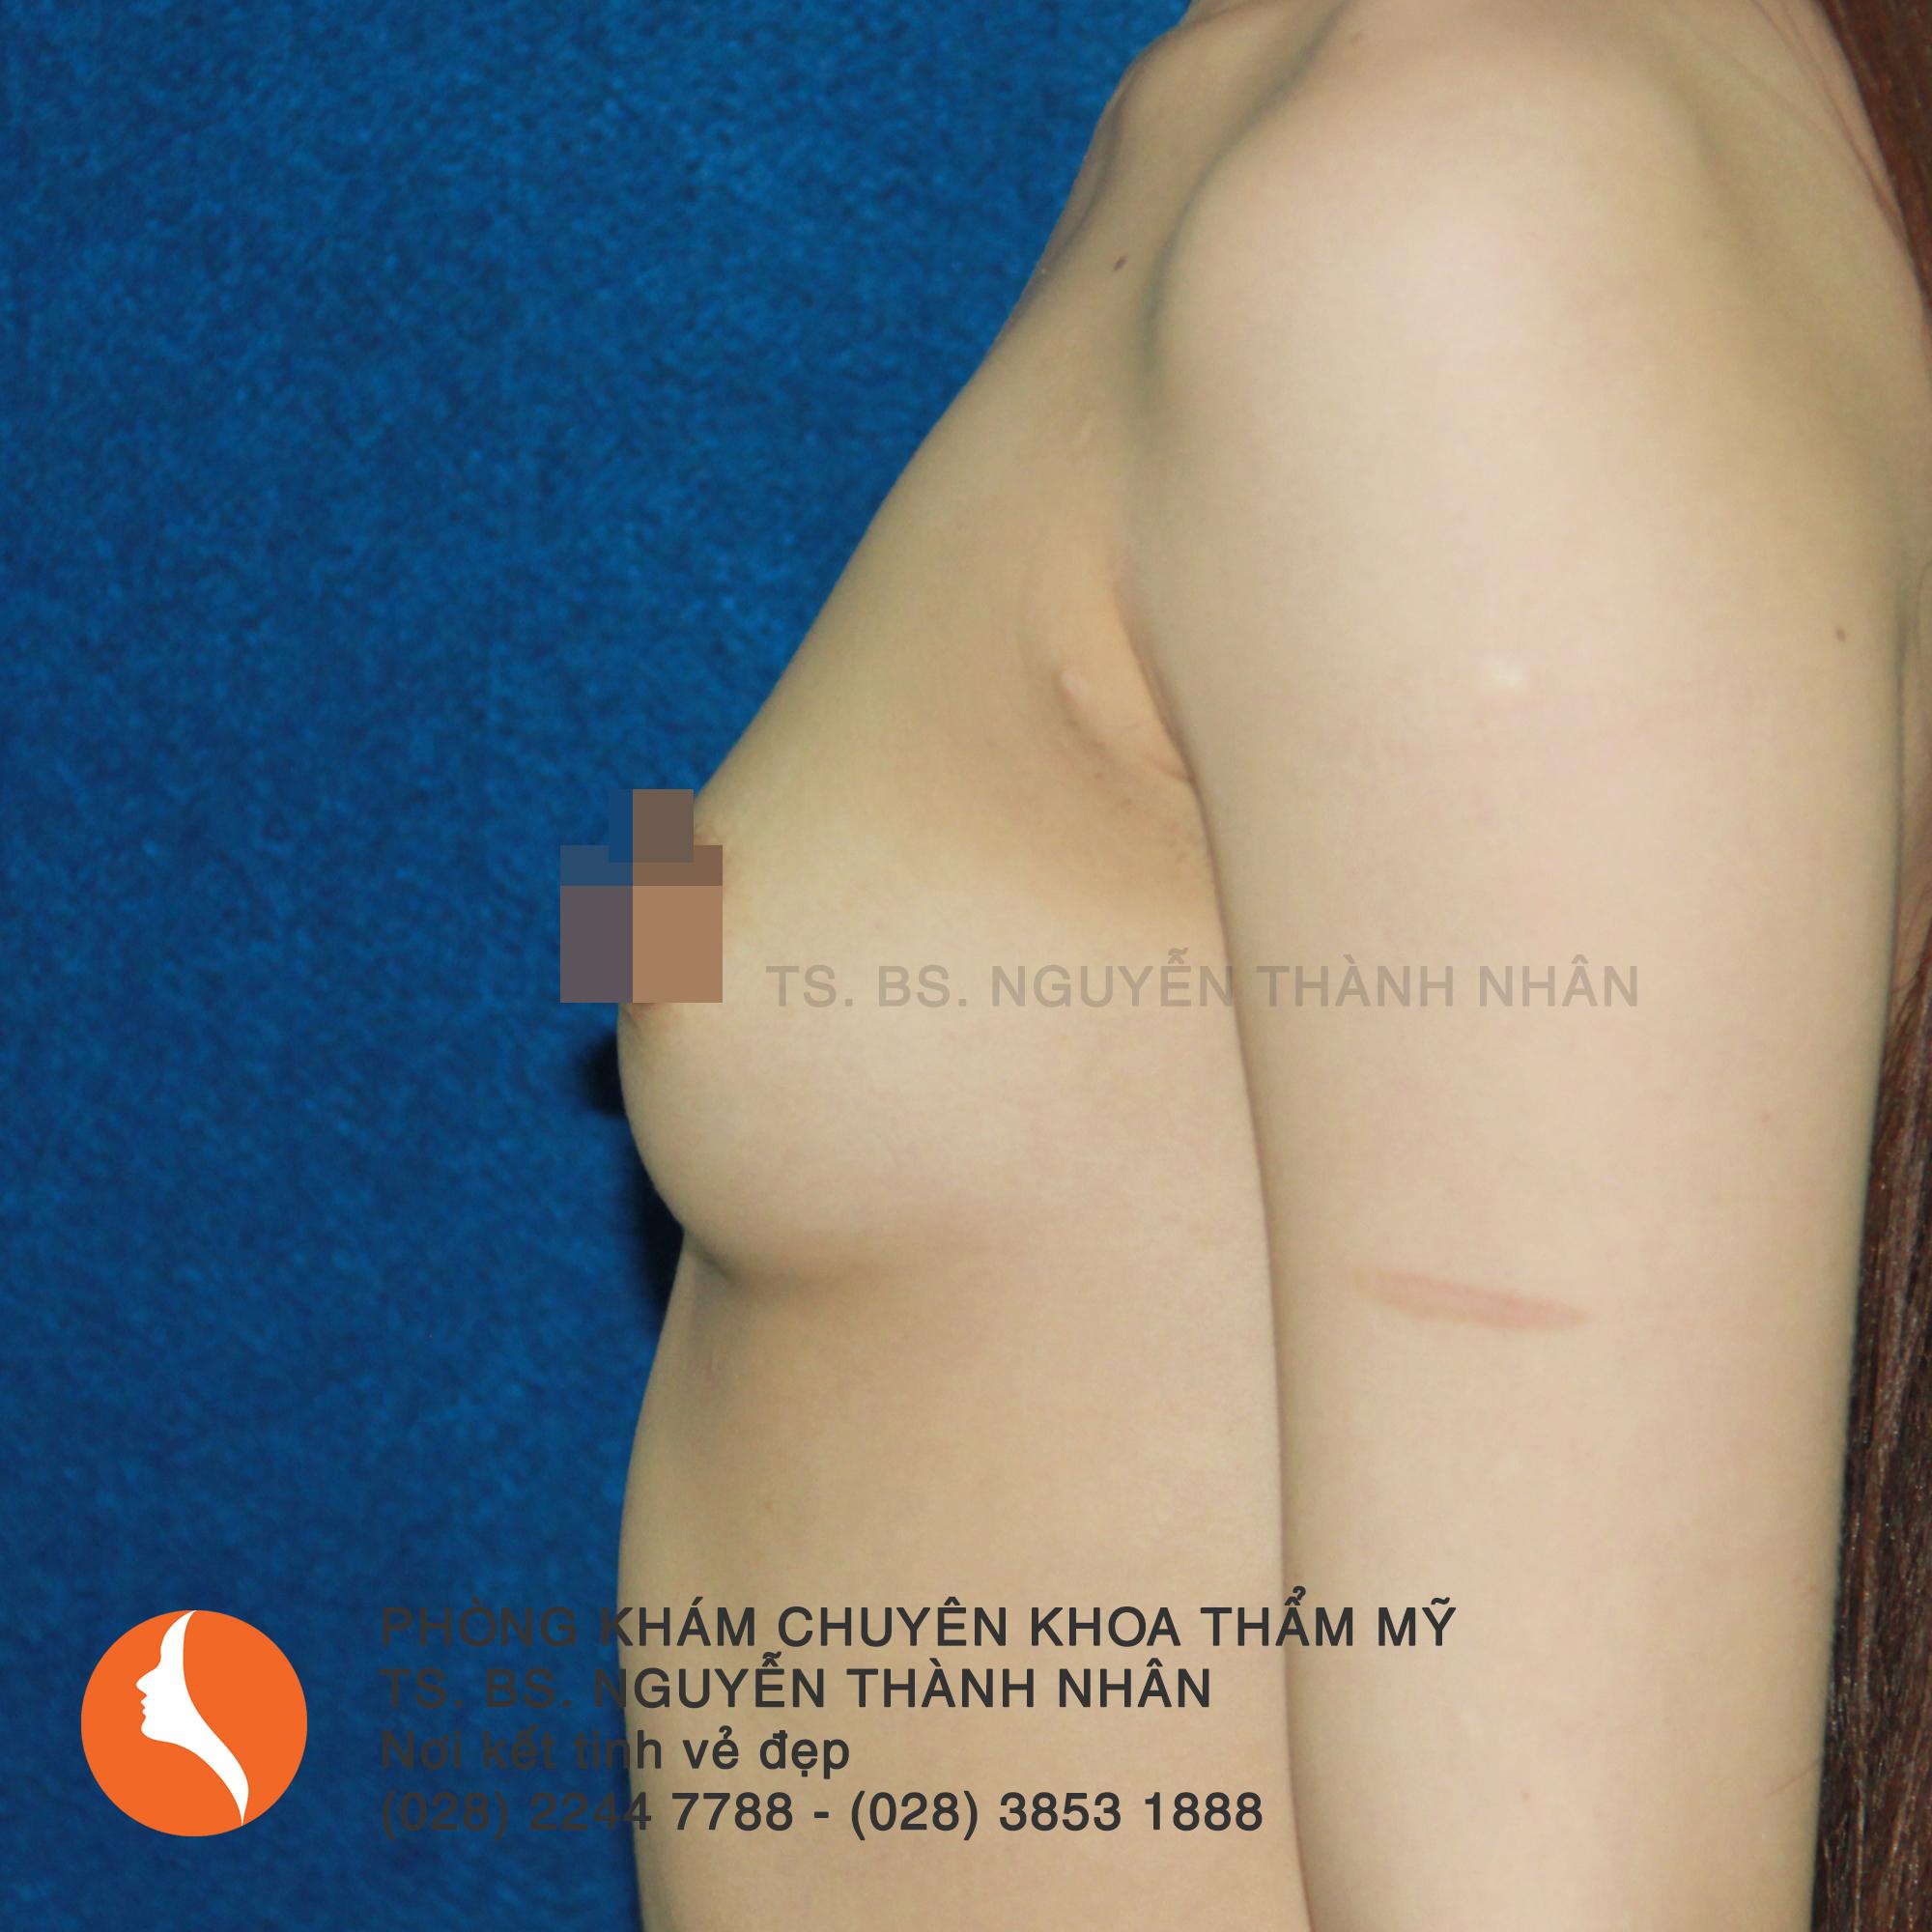 Ca 2: Trước phẫu thuật nâng ngực